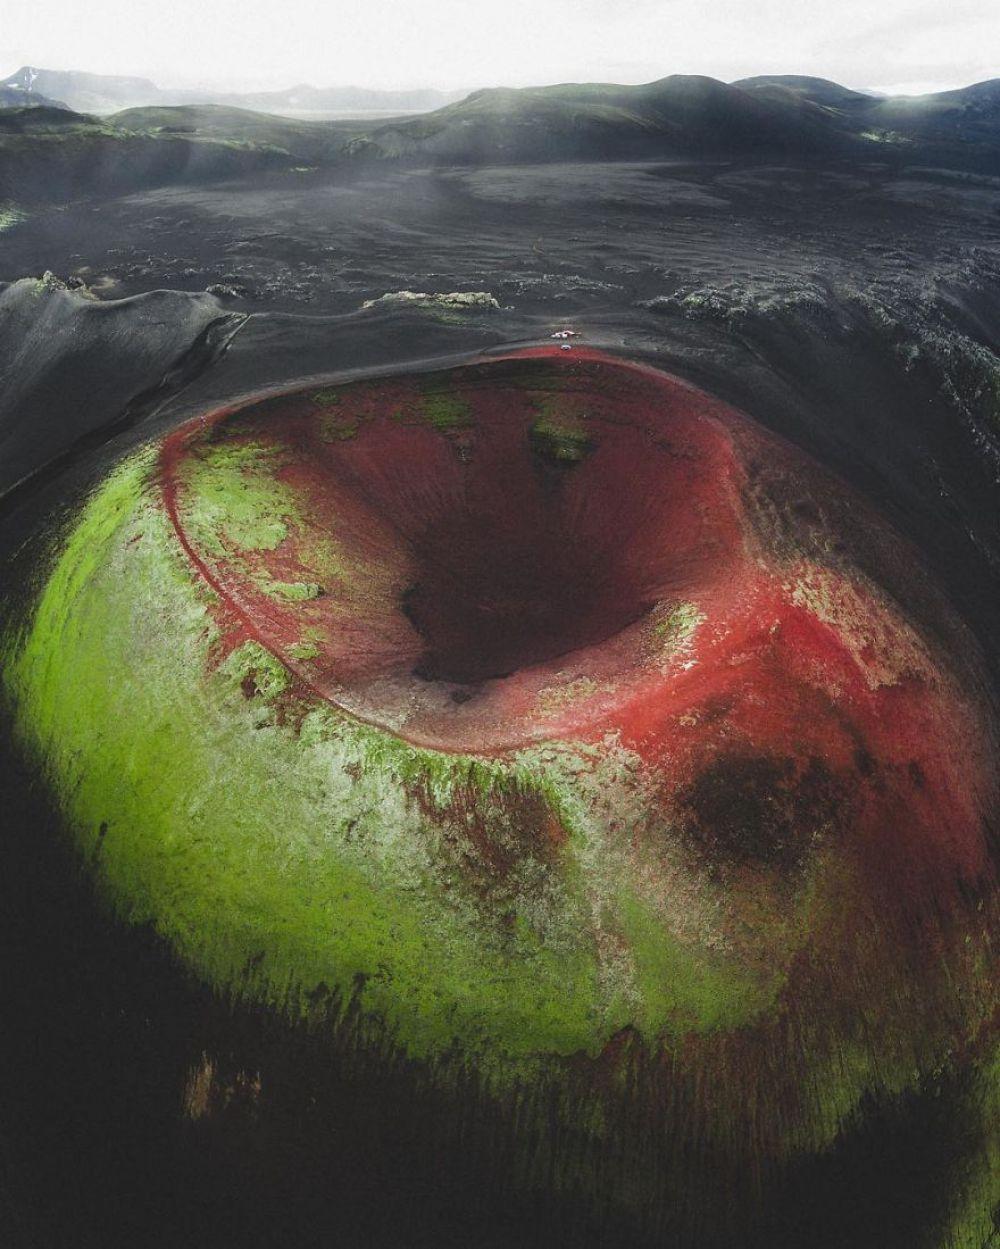 Знаете, что это? Это кратер вулкана под водой. Теперь вы видели все